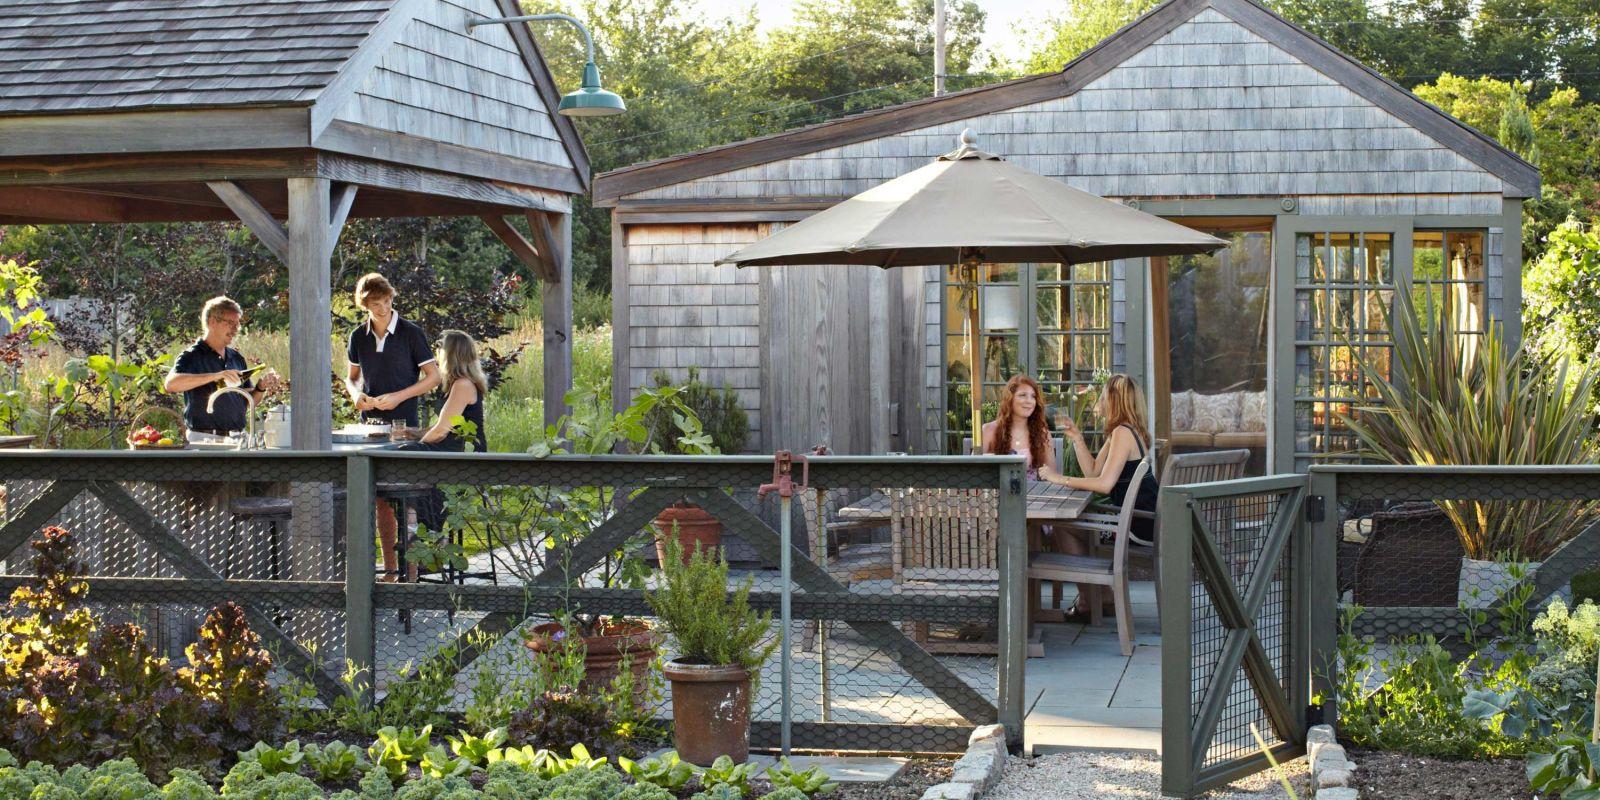 garden kitchen ideas outdoor kitchen ideas 15 Best Outdoor Kitchen Ideas And Designs Pictures Of Beautiful